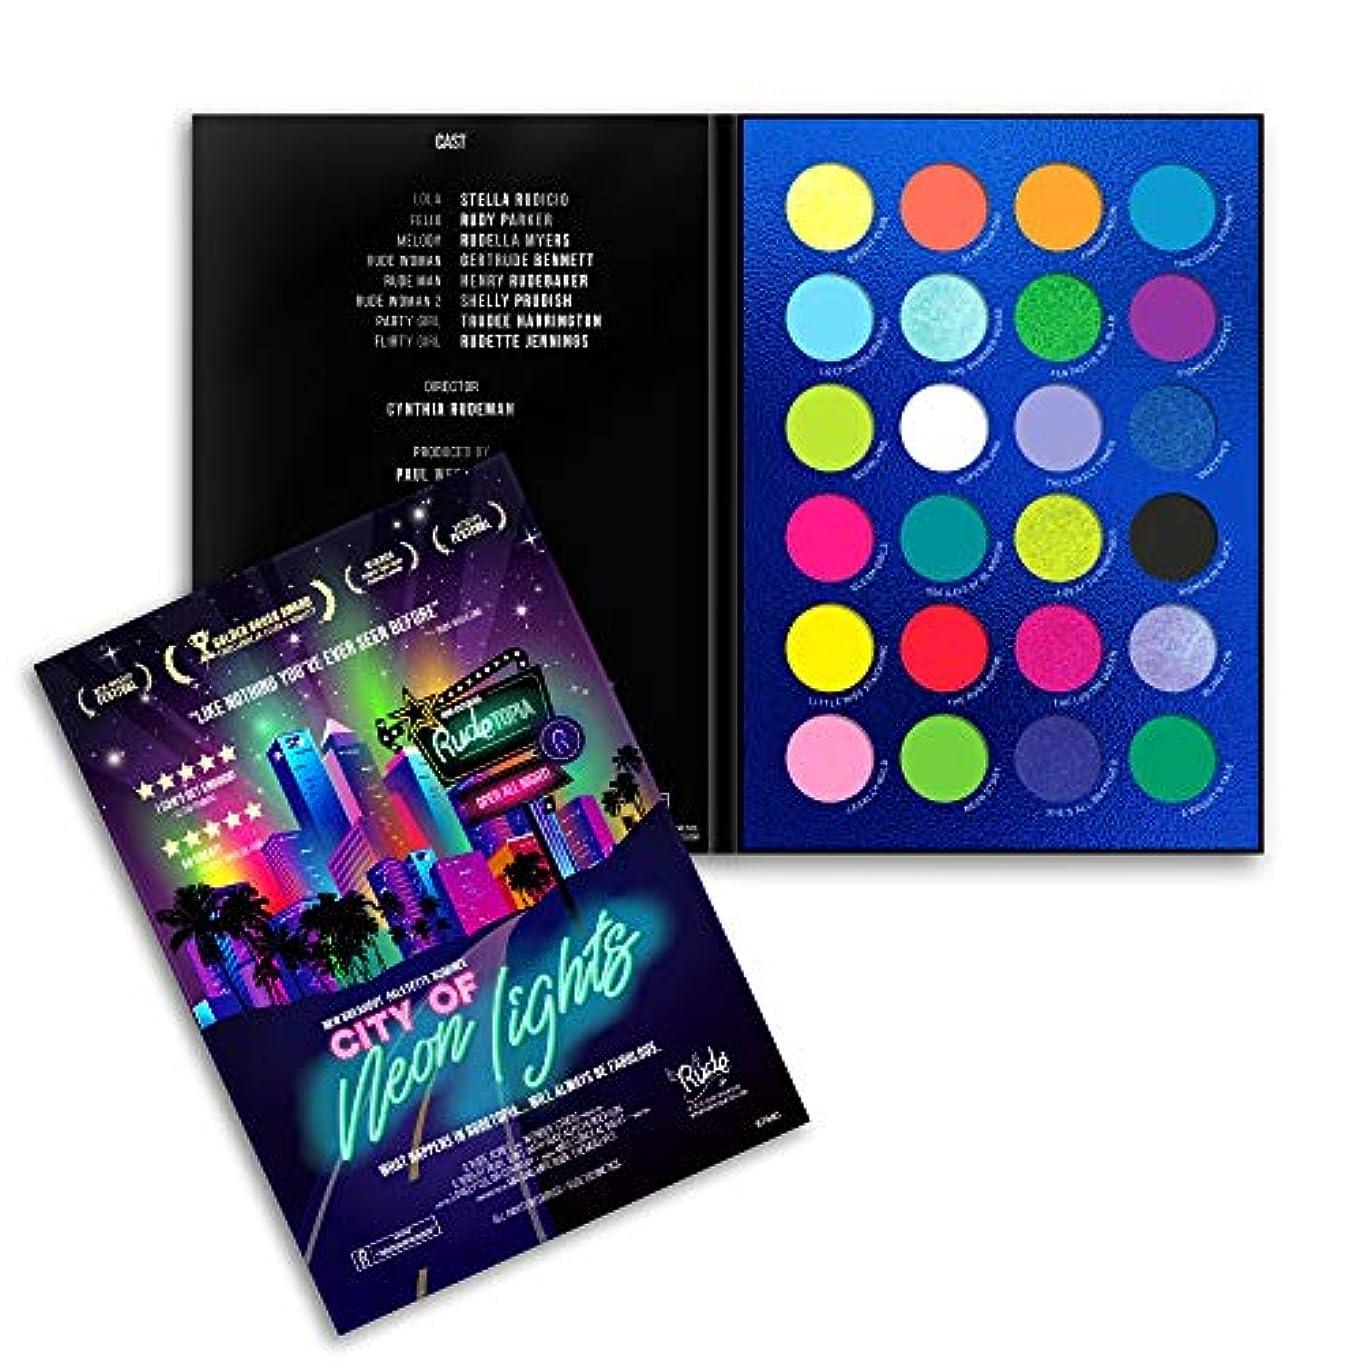 転倒遺棄されたコマンドRUDE City of Neon Lights - 24 Vibrant Pigment & Eyeshadow Palette (並行輸入品)